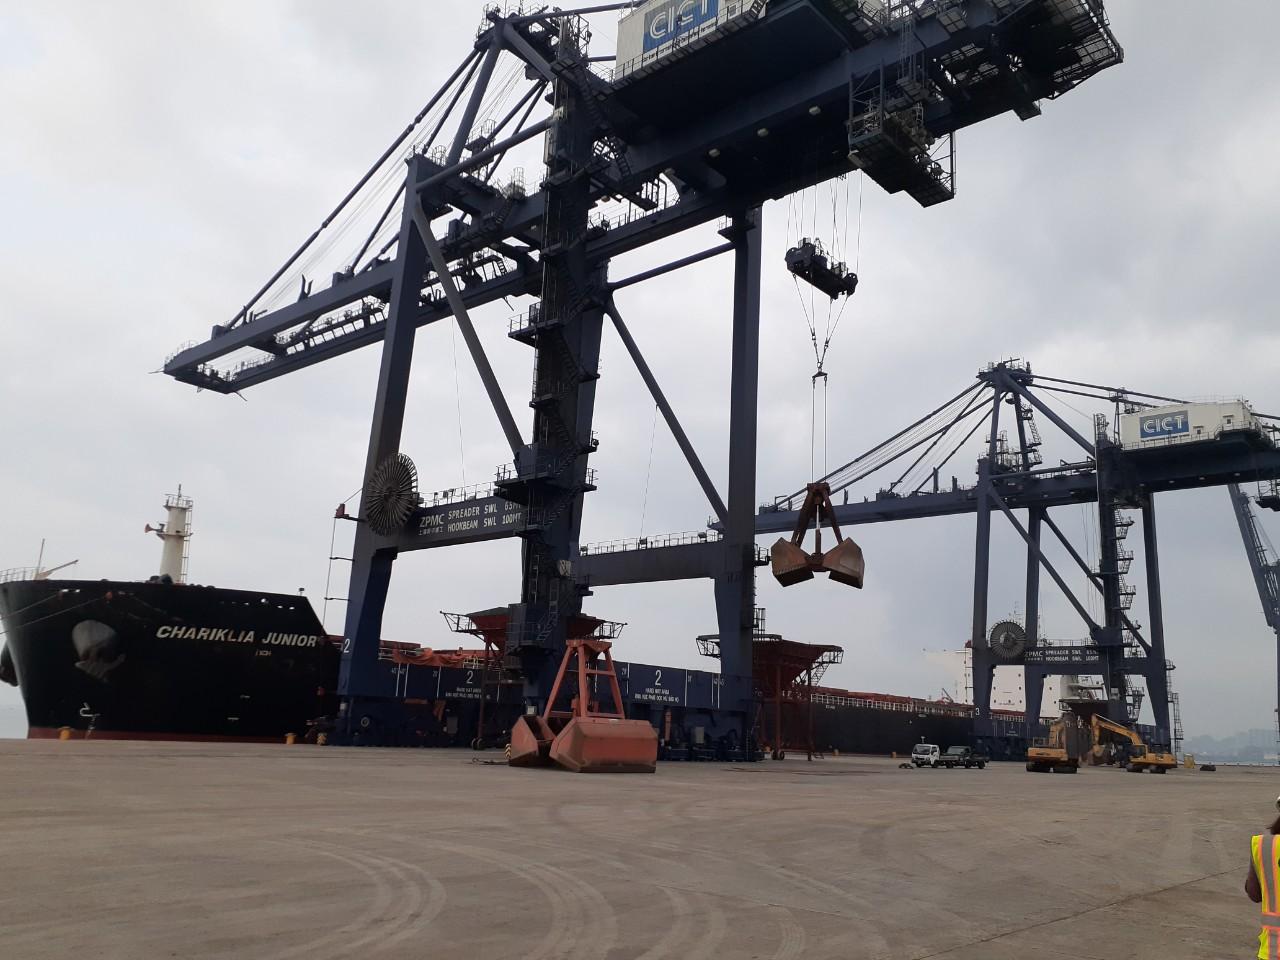 Tổng Hợp Tầu Nông Sản cảng Cái Lân Tháng 04.2020